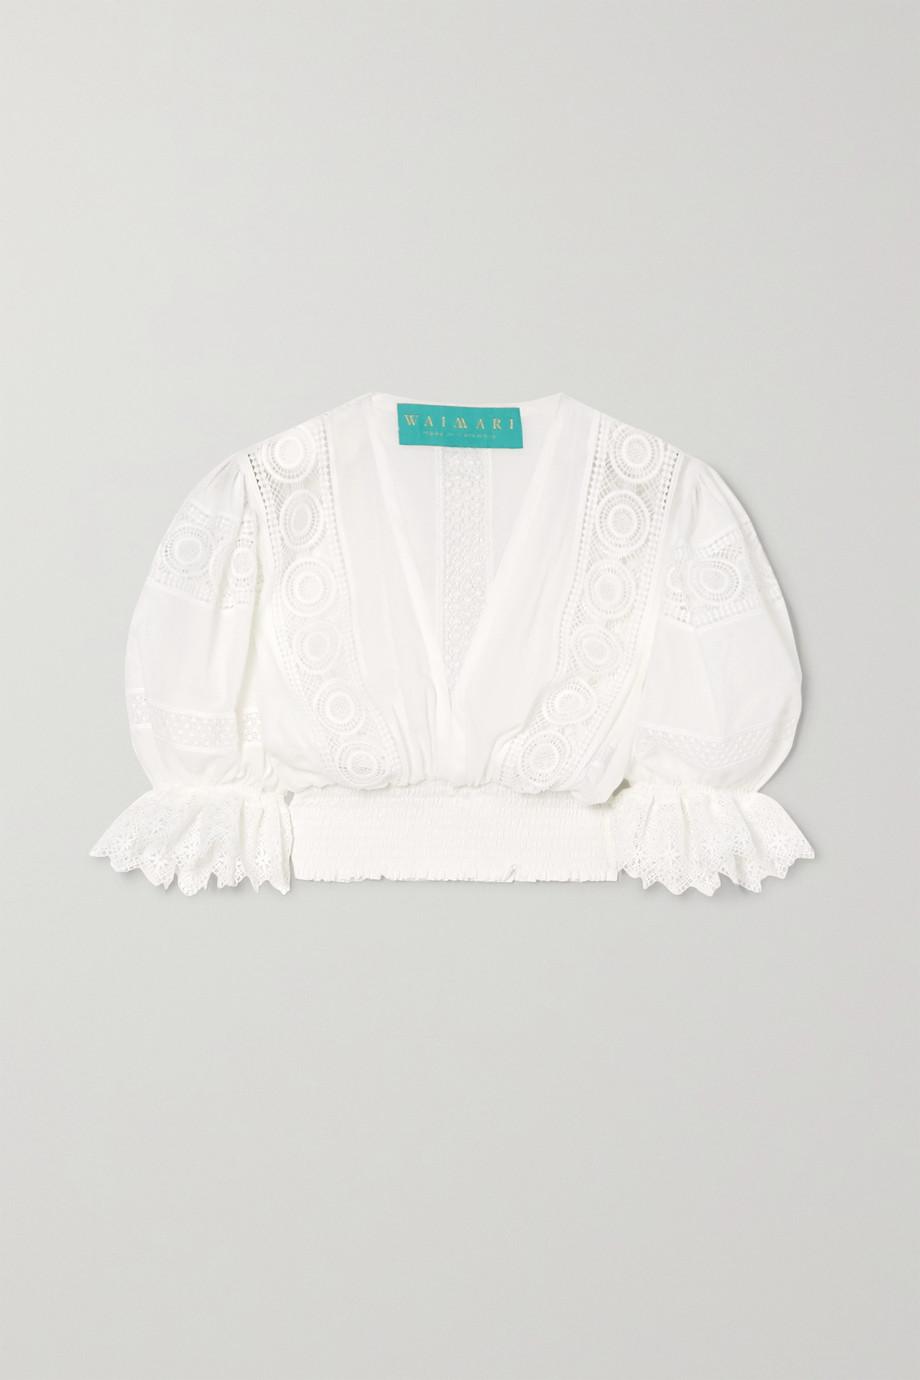 WAIMARI Venus 皱褶装饰凸花蕾丝边饰巴里纱短款上衣